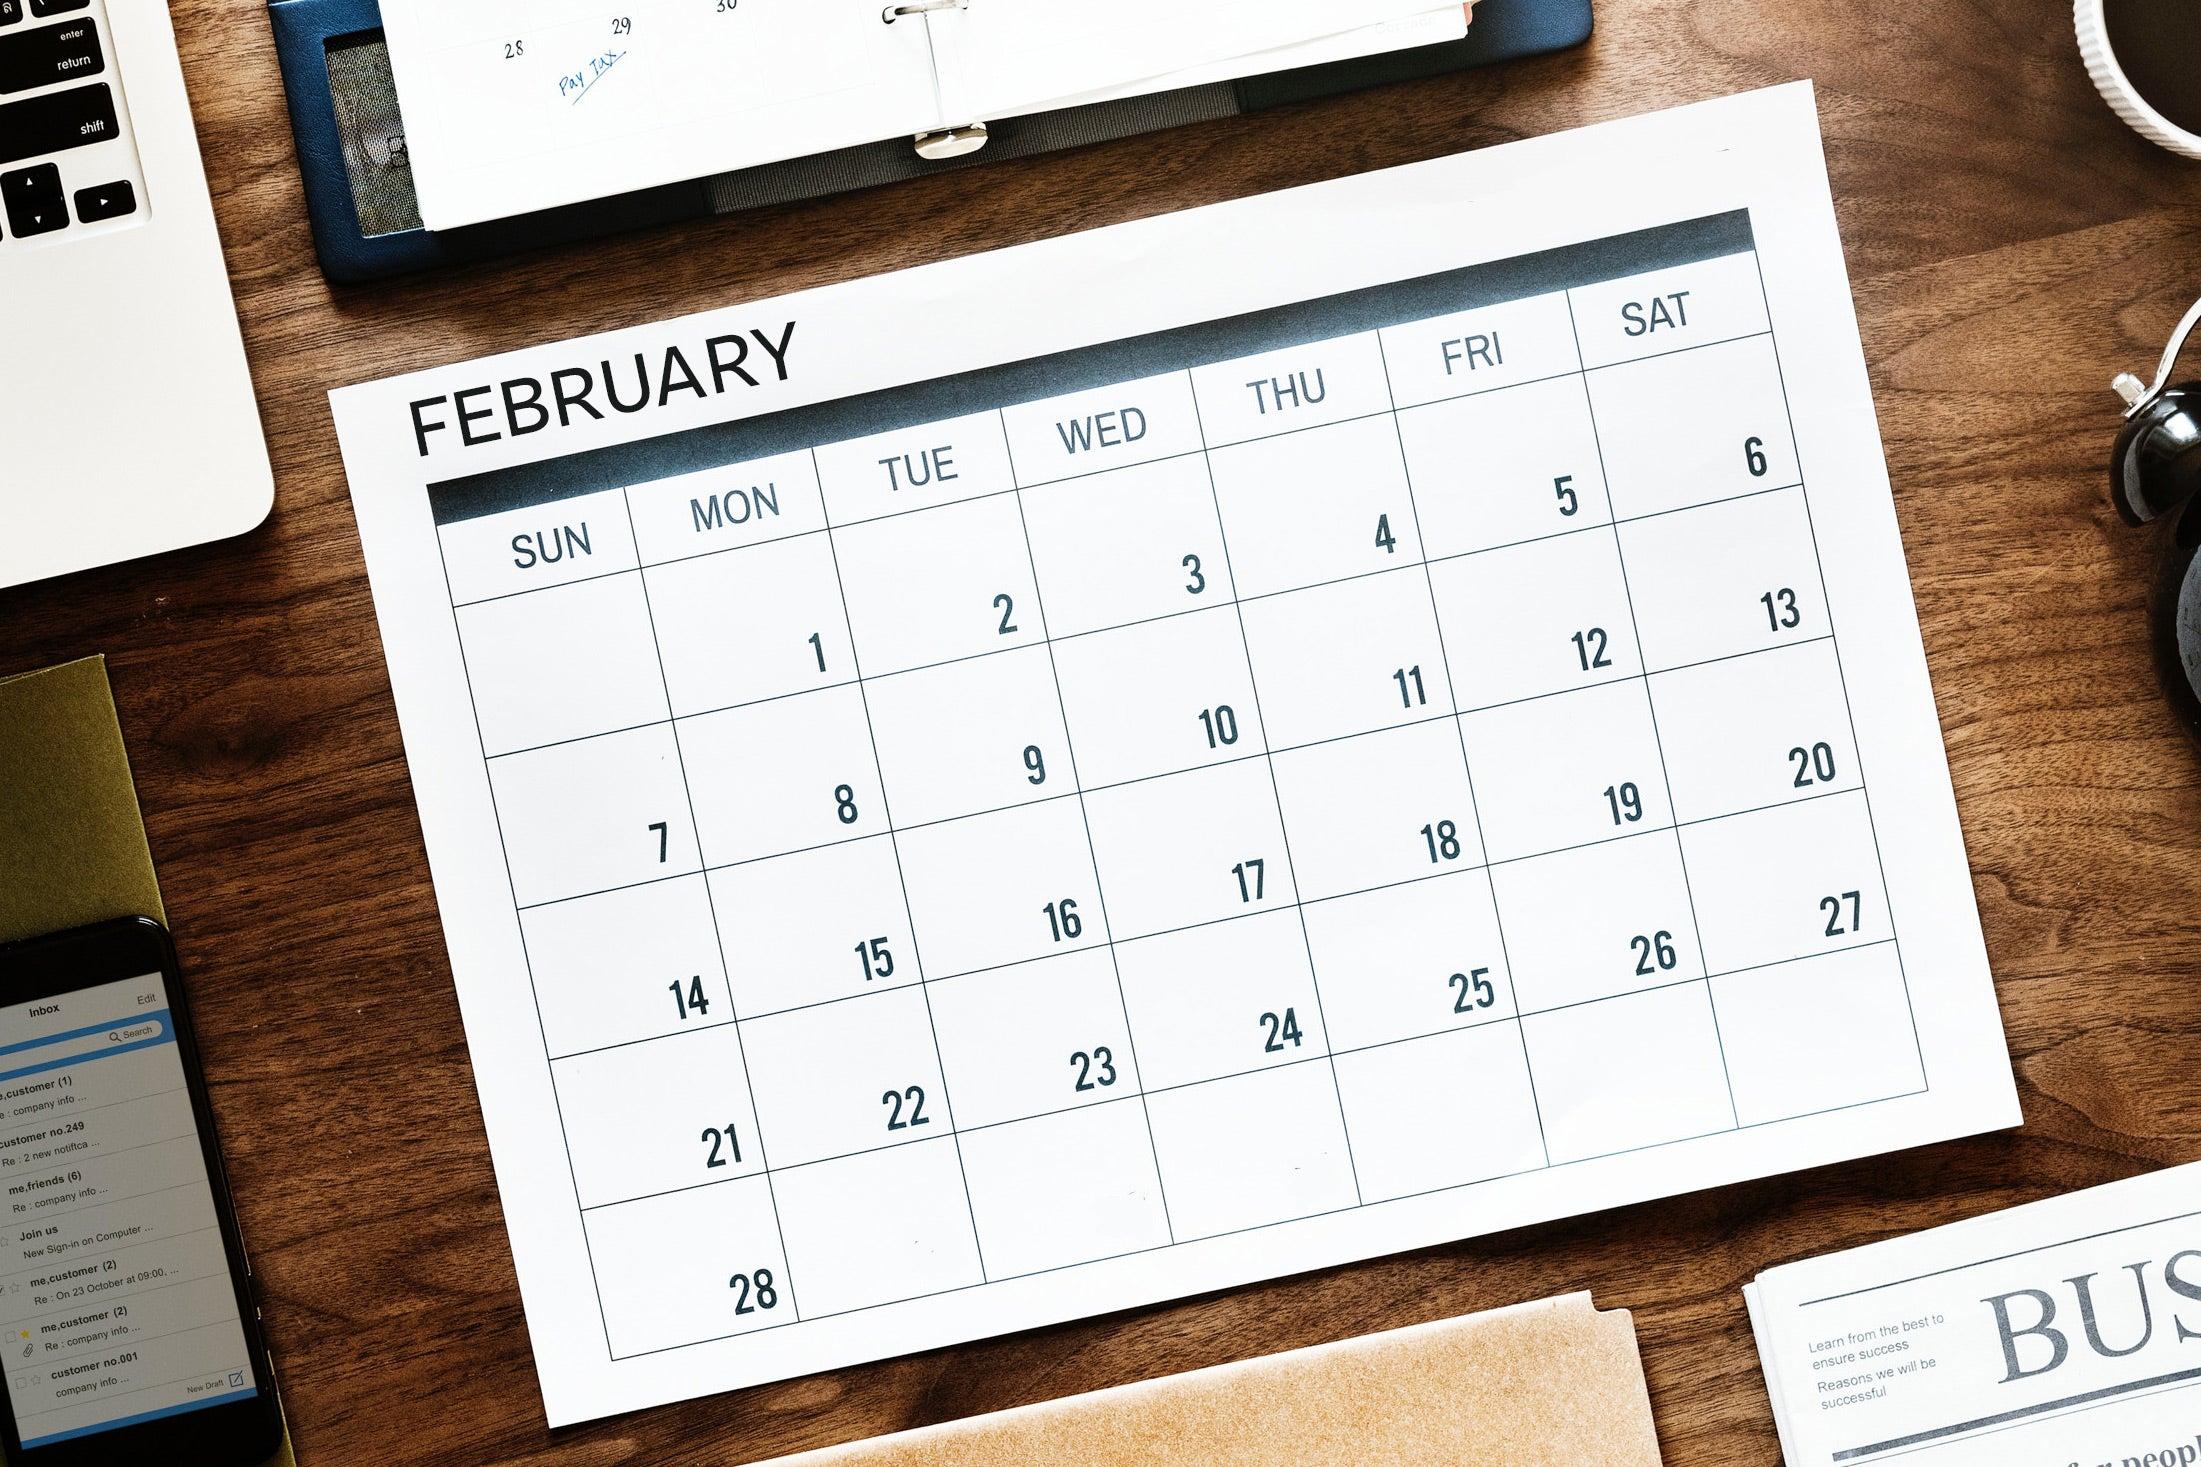 A desk calendar depicting 28 days in February.